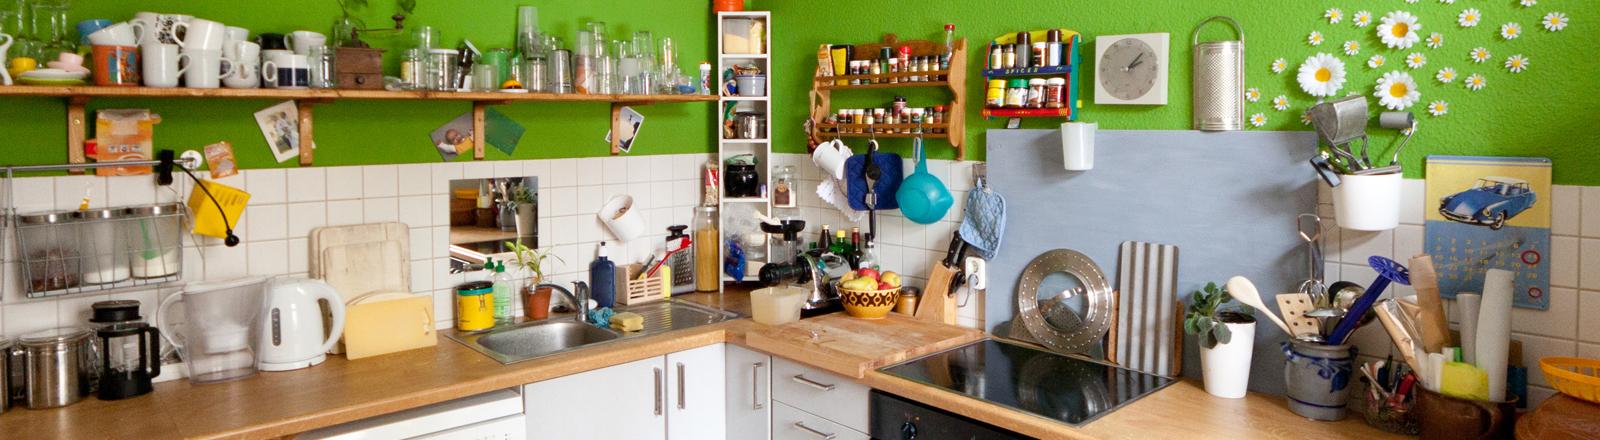 WG-Küche